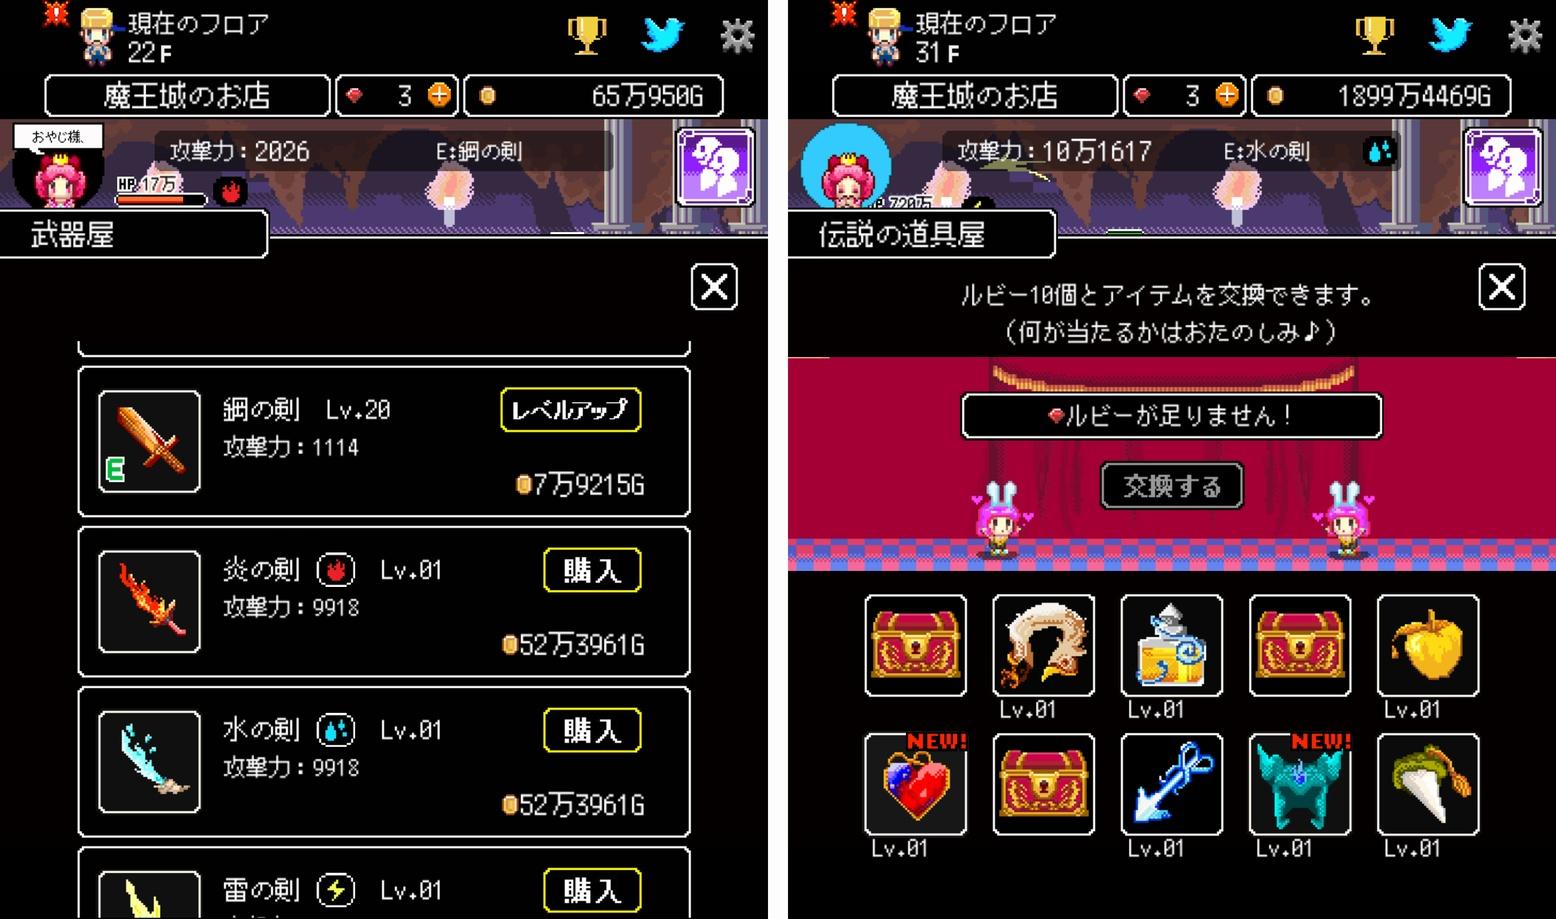 商人サーガ「魔王城でお店開けって言われた」 androidアプリスクリーンショット3